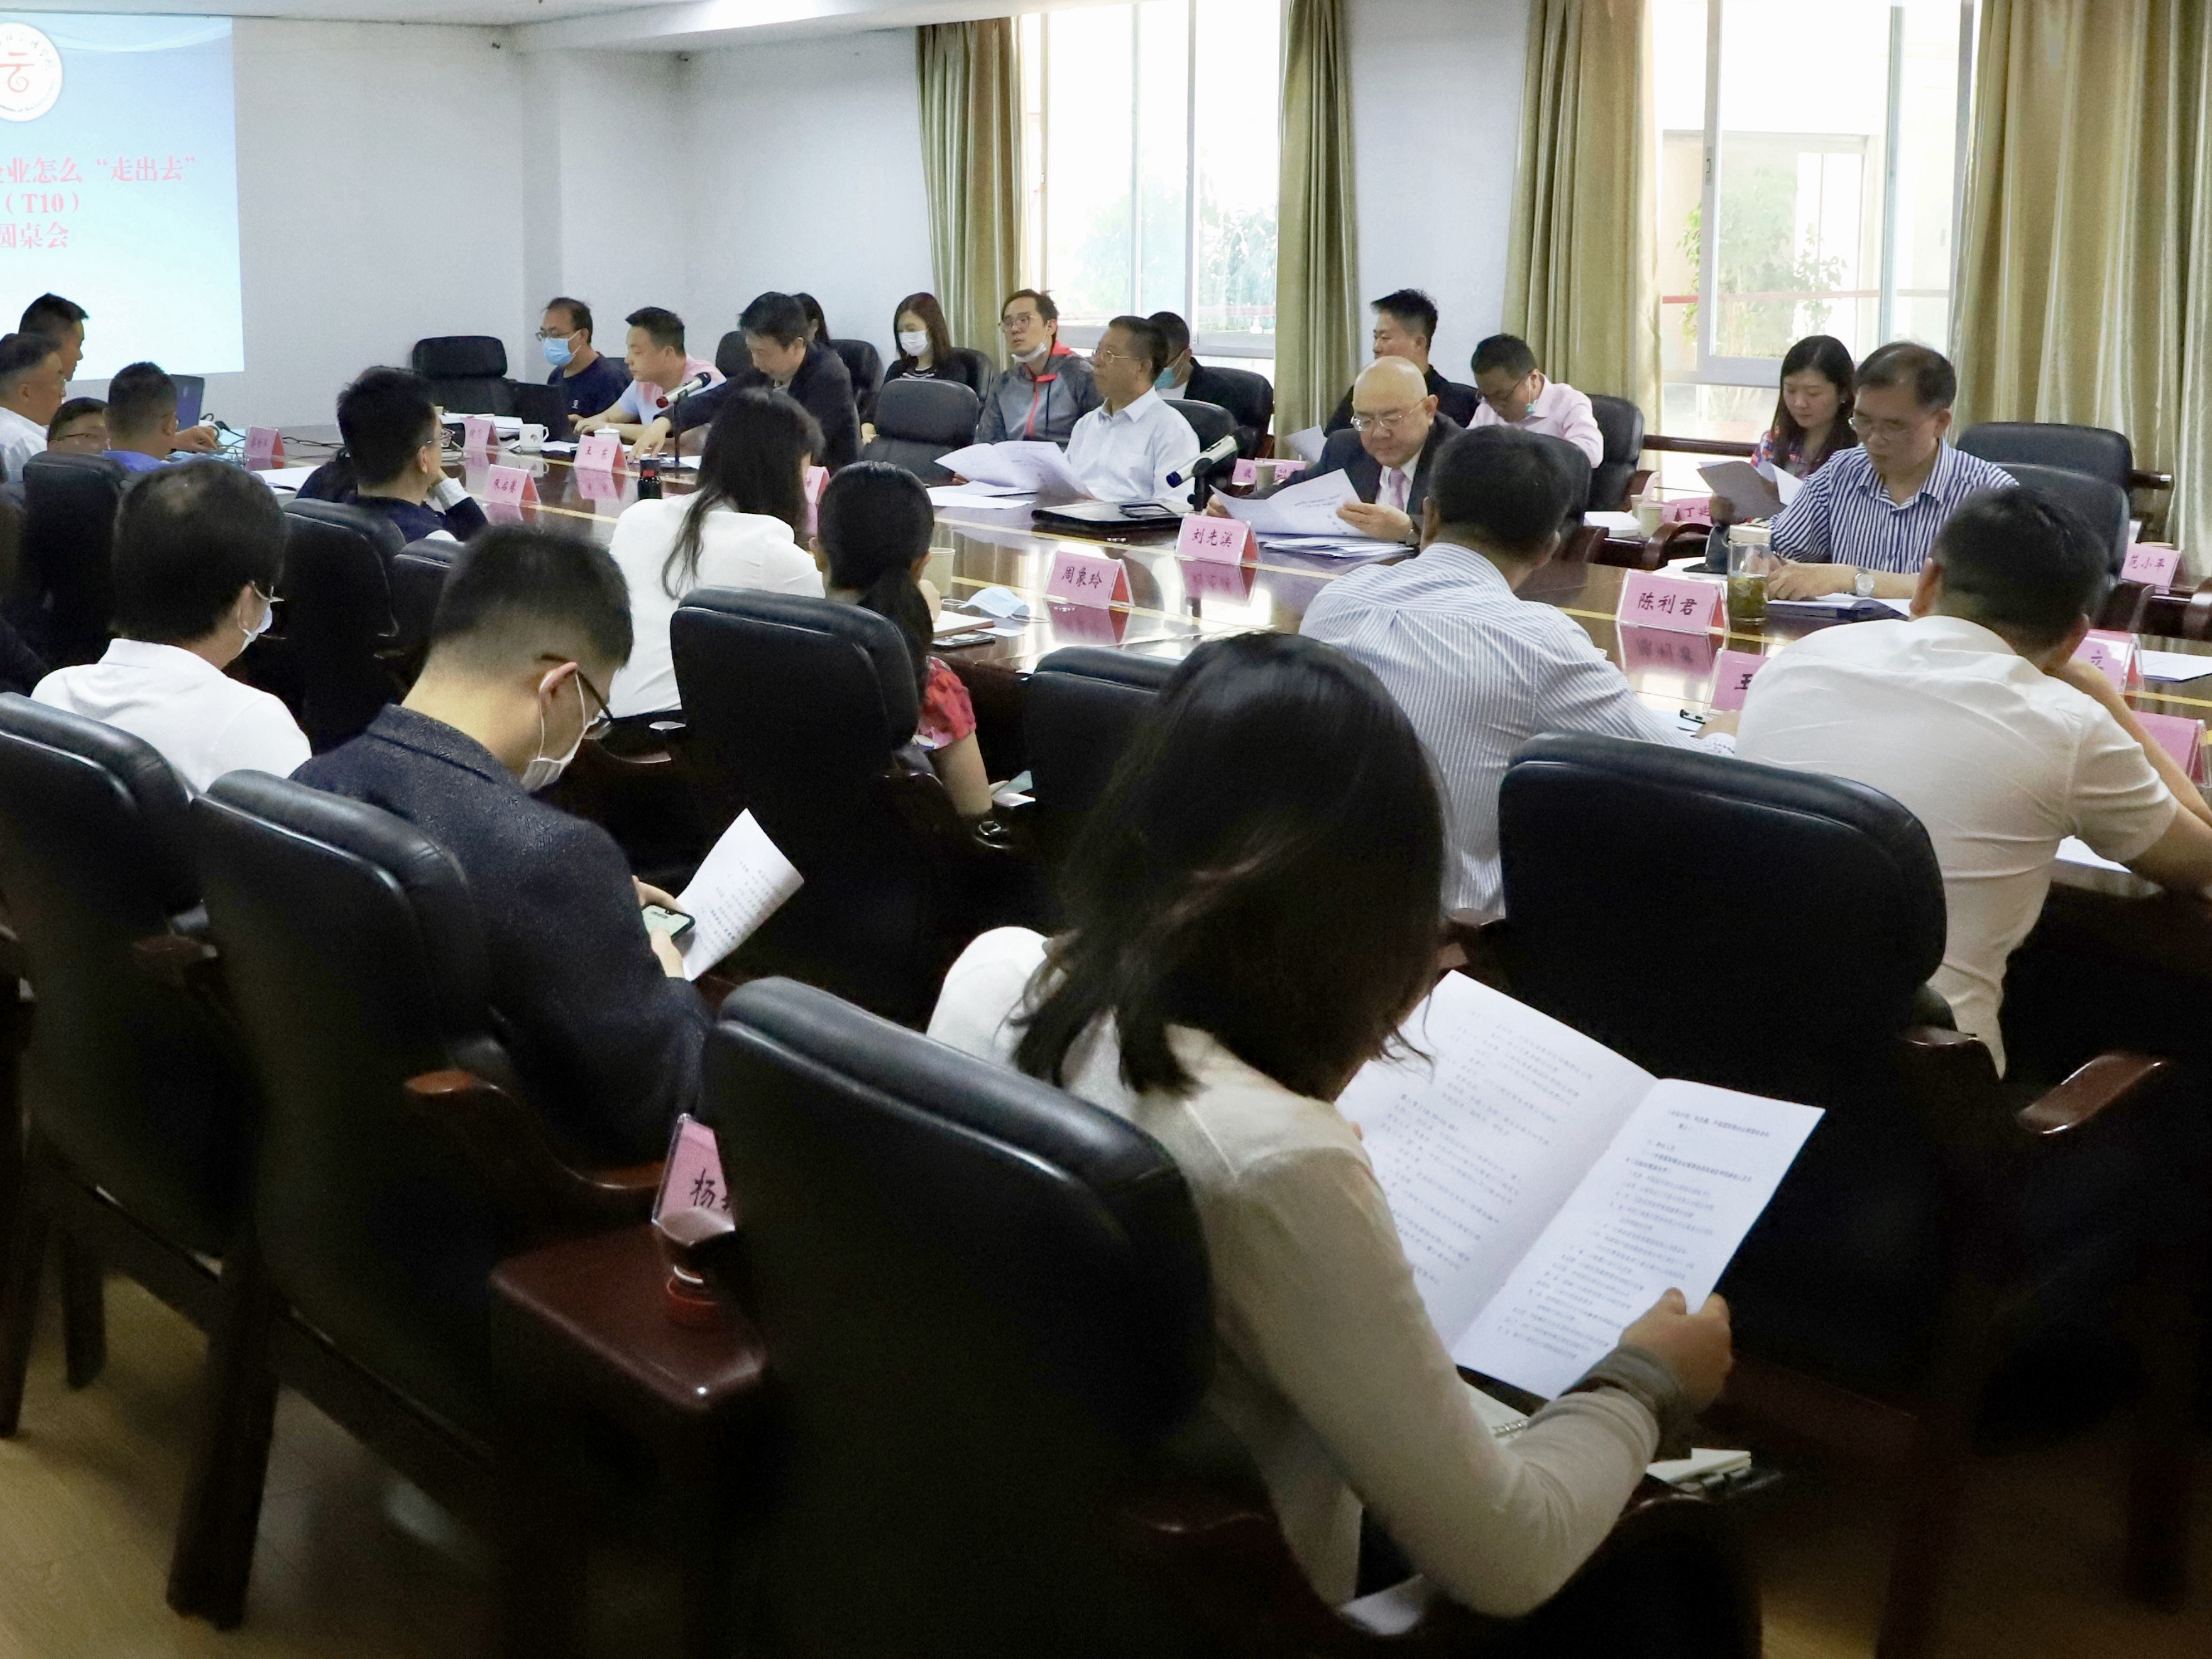 中国(昆明)南亚东南亚研究院举办十人谈(T10)智库圆桌会